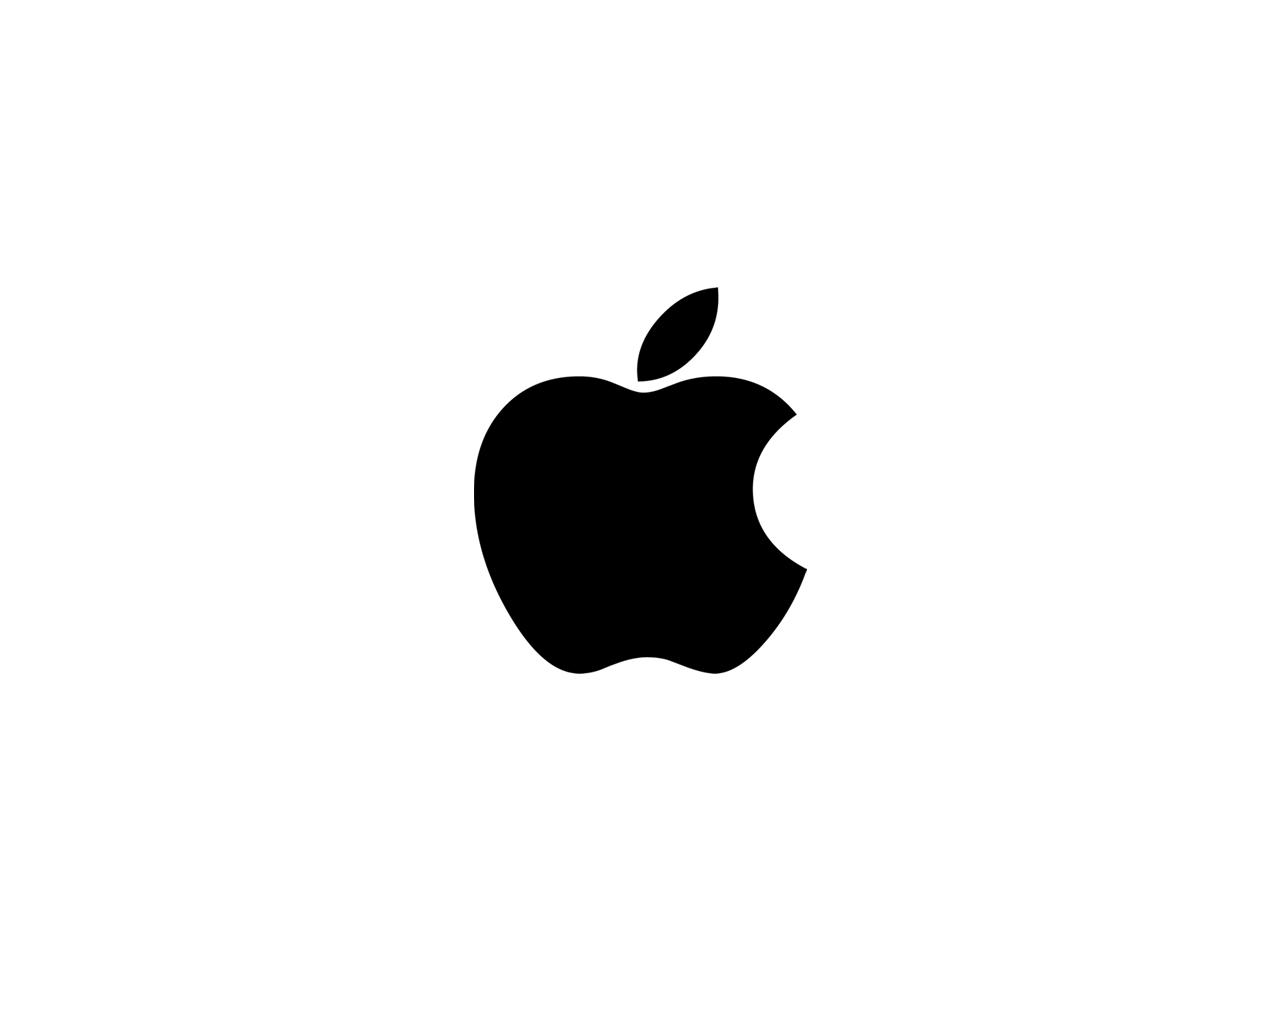 Logo:  Diseñado por Rob Janoff en 1977, es uno de los más reconocidos en todo el mundo.